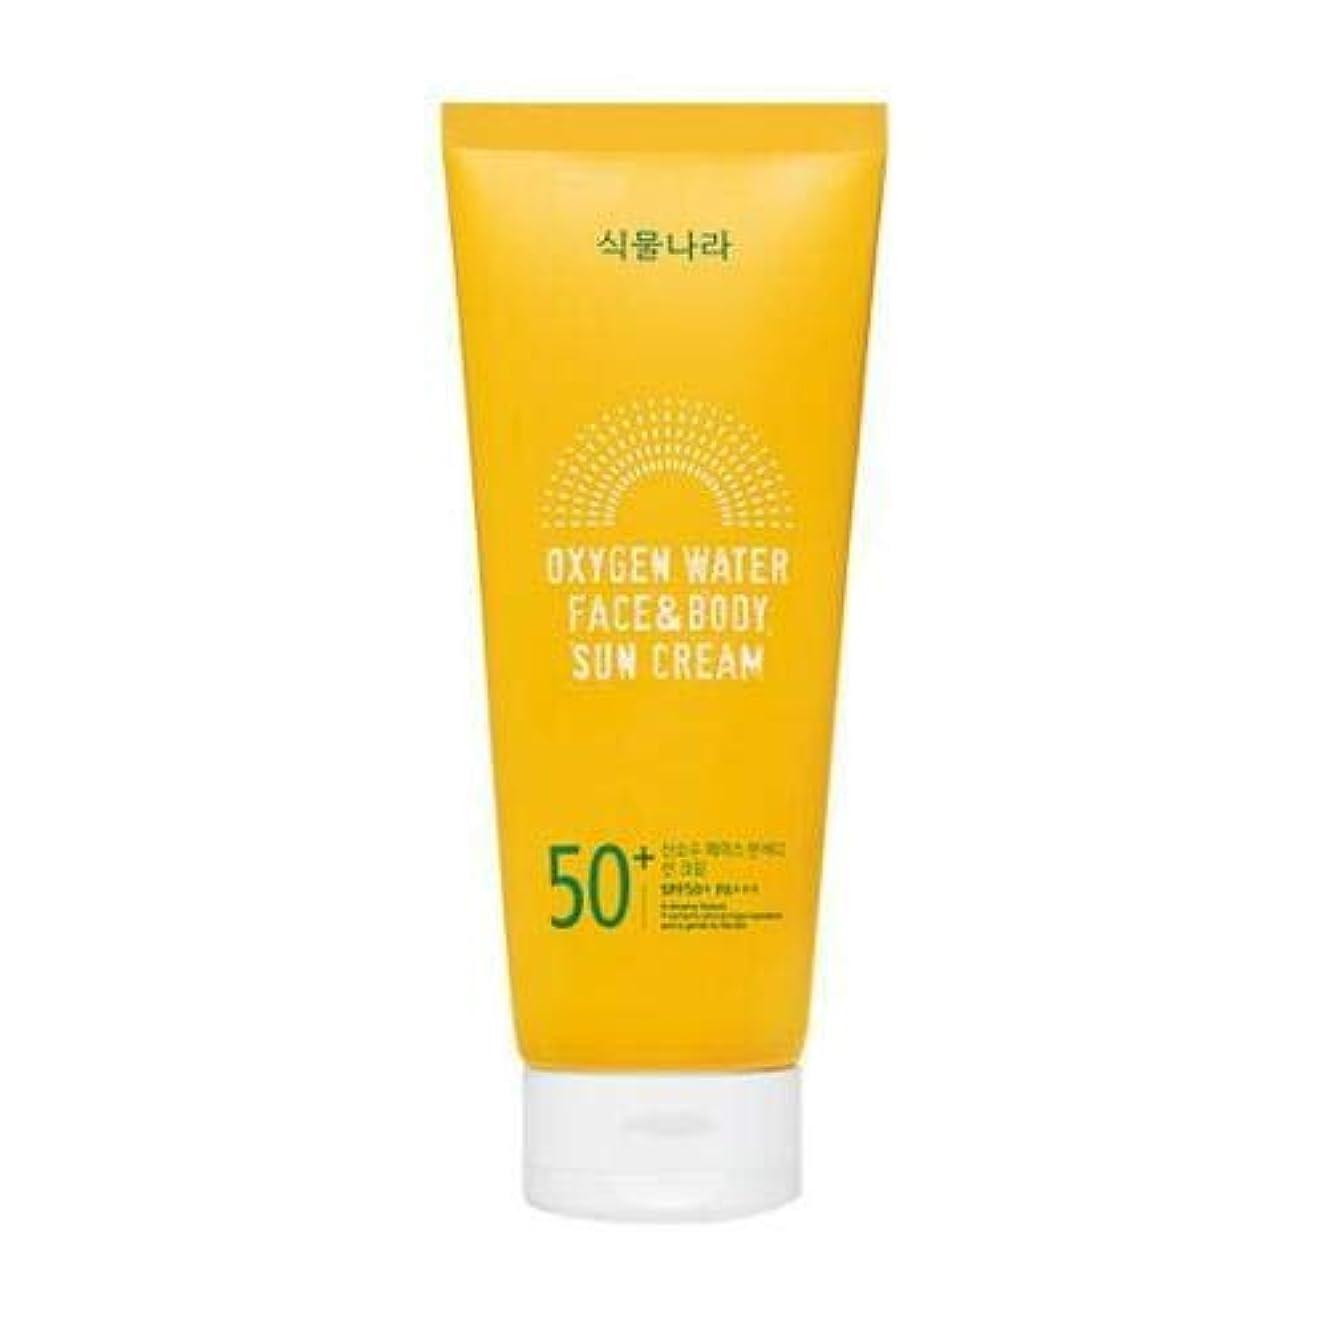 発行タンパク質肌寒いshingmulnara Oxygen Water Face & Body sun cream サンクリーム (200ml) SPF50+ PA+++